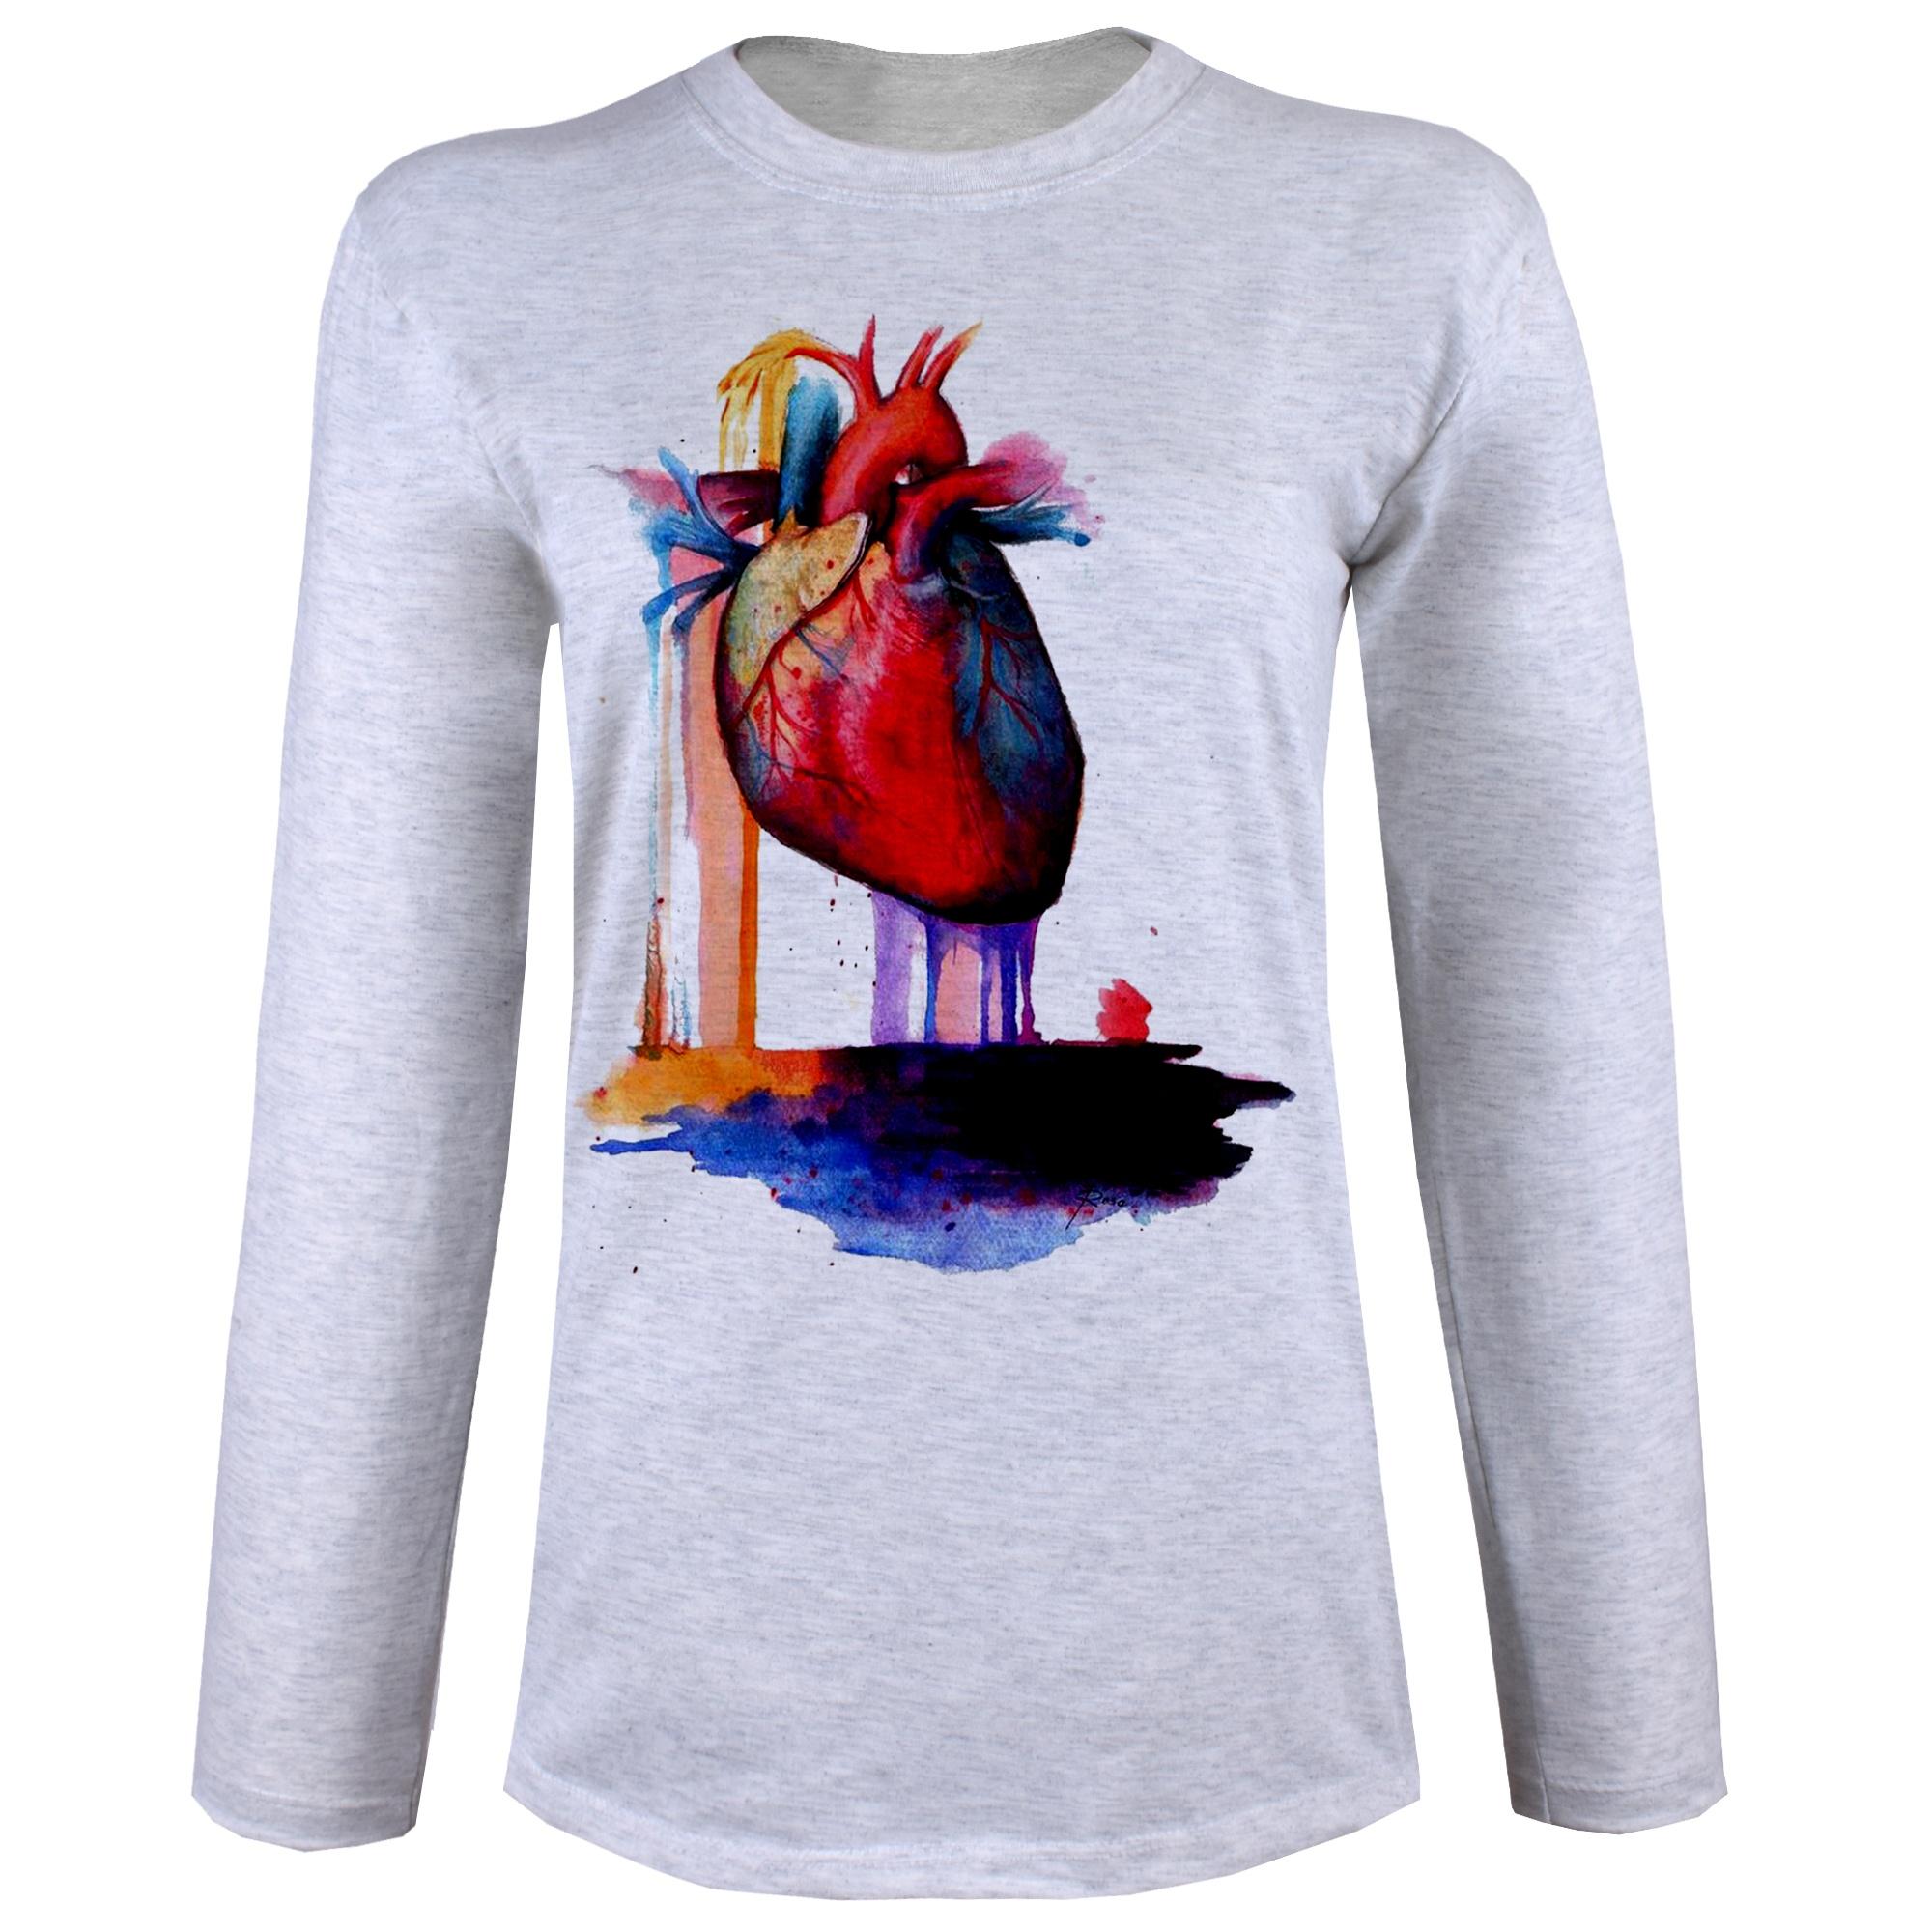 تصویر تی شرت  آستین بلند زنانه  طرح قلب رنگی کد B68